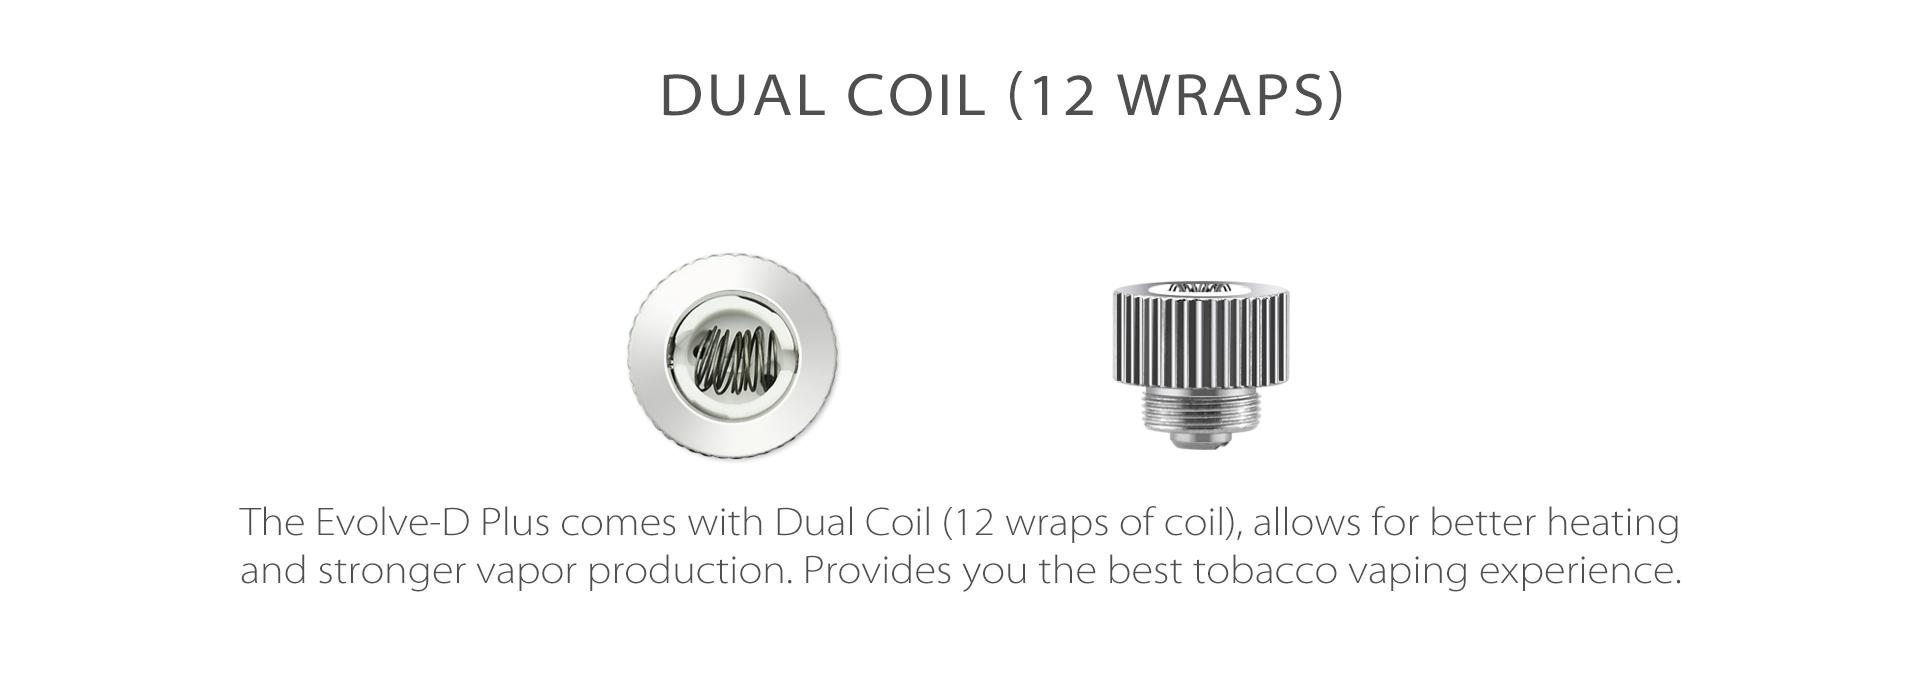 Yocan Evolve-D Plus vaporizer pen 2020 version comes with dual coi.